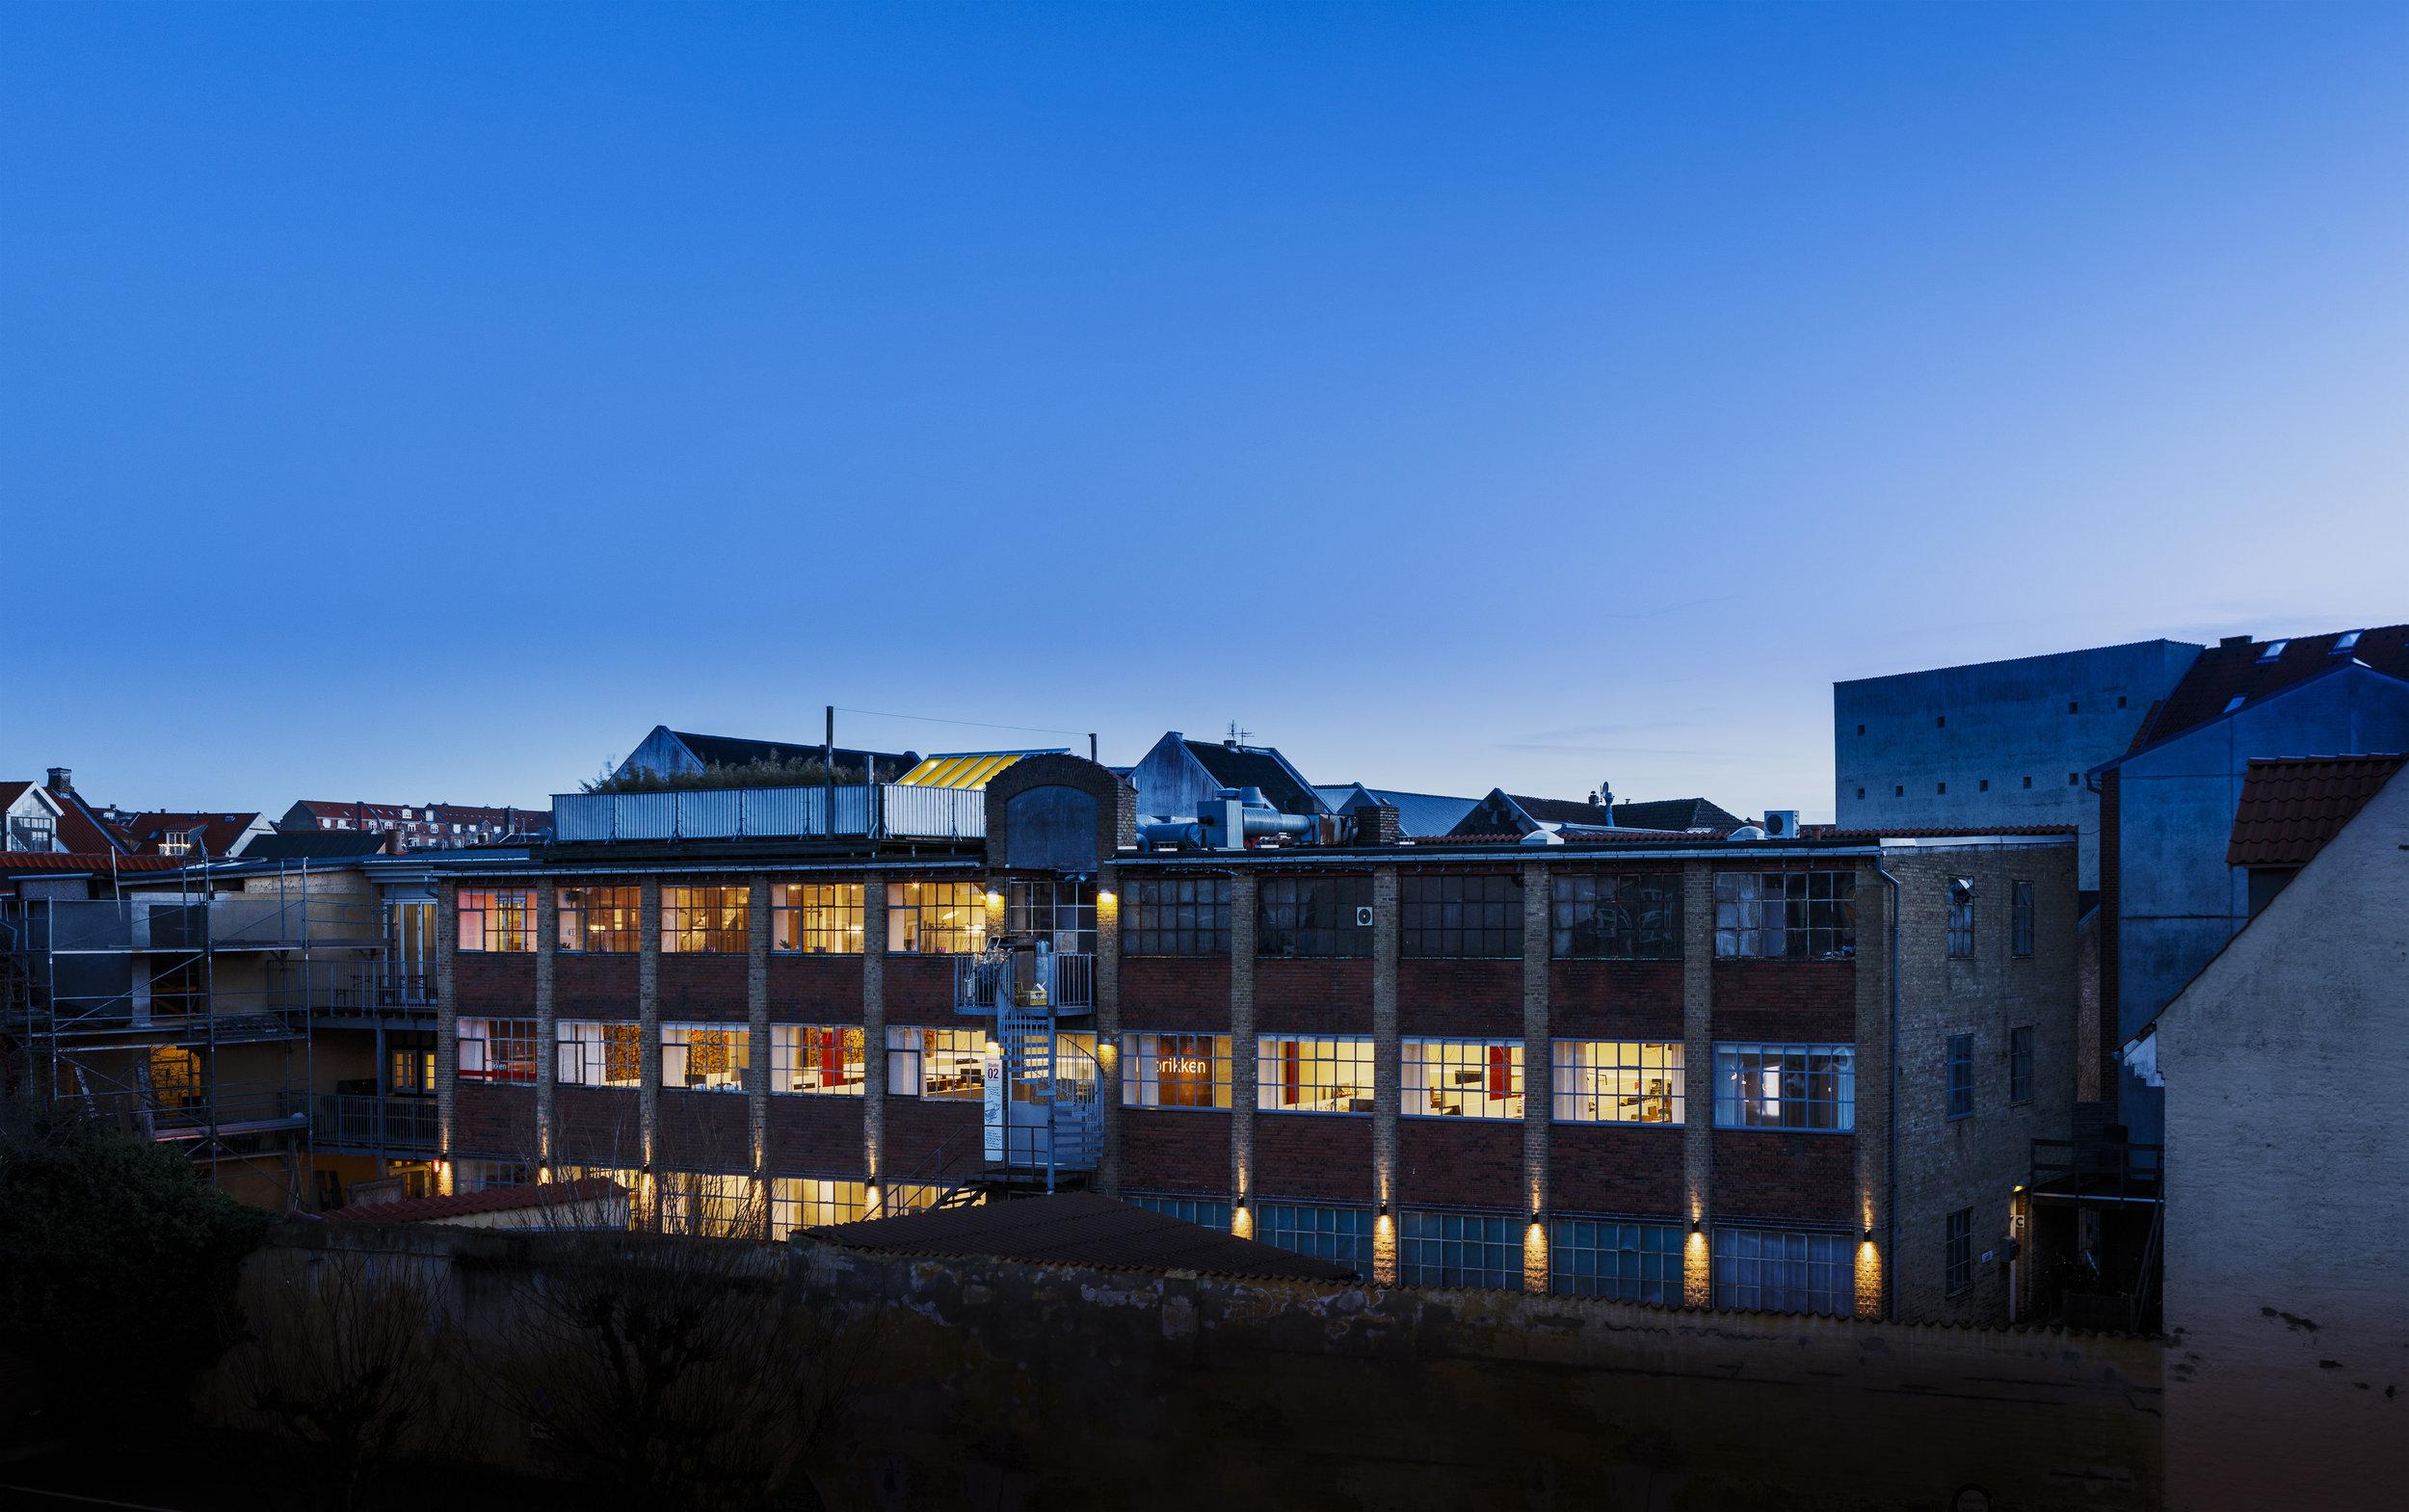 Spillesteder - Programmet afvikles på en række af Aarhus' kendte - og mindre kendte - spillesteder